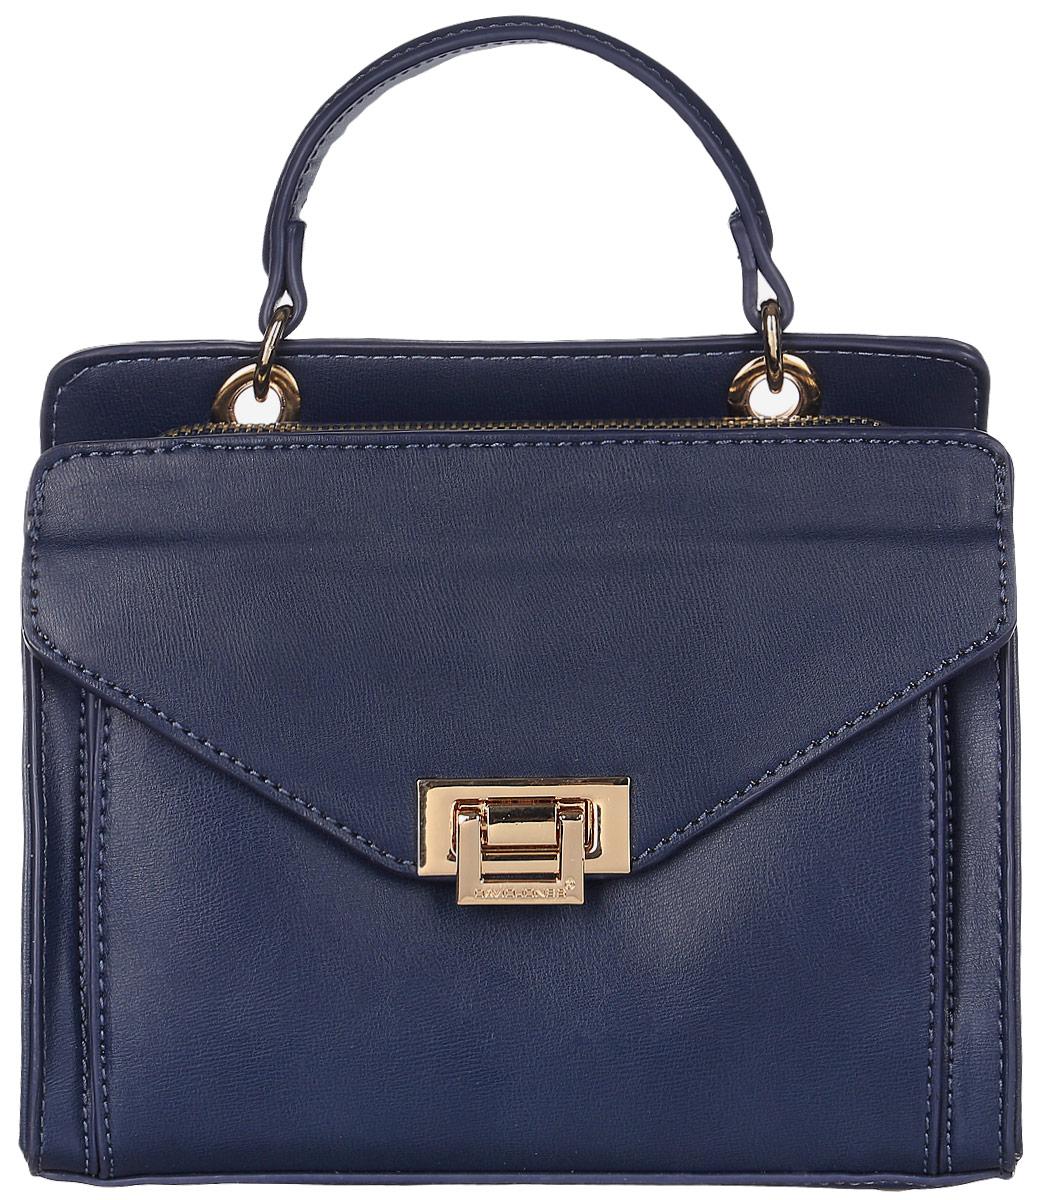 Сумка женская David Jones, цвет: темно-синий. 5212-15212-1 D/BLUEСтильная женская сумка David Jones выполнена из искусственной кожи. Изделие имеет одно основное отделение, которое закрывается на застежку-молнию. Внутри находятся прорезной карман на застежке-молнии и накладной открытый карман. На передней стенке расположен накладной карман, закрывающийся на клапан с застежкой-защелкой. Изделие оснащено одной удобной ручкой. В комплект входит съемный регулируемый наплечный ремень. Основание изделия защищено от повреждений металлическими ножками. Роскошная сумка внесет элегантные нотки в ваш образ и подчеркнет ваше отменное чувство стиля.